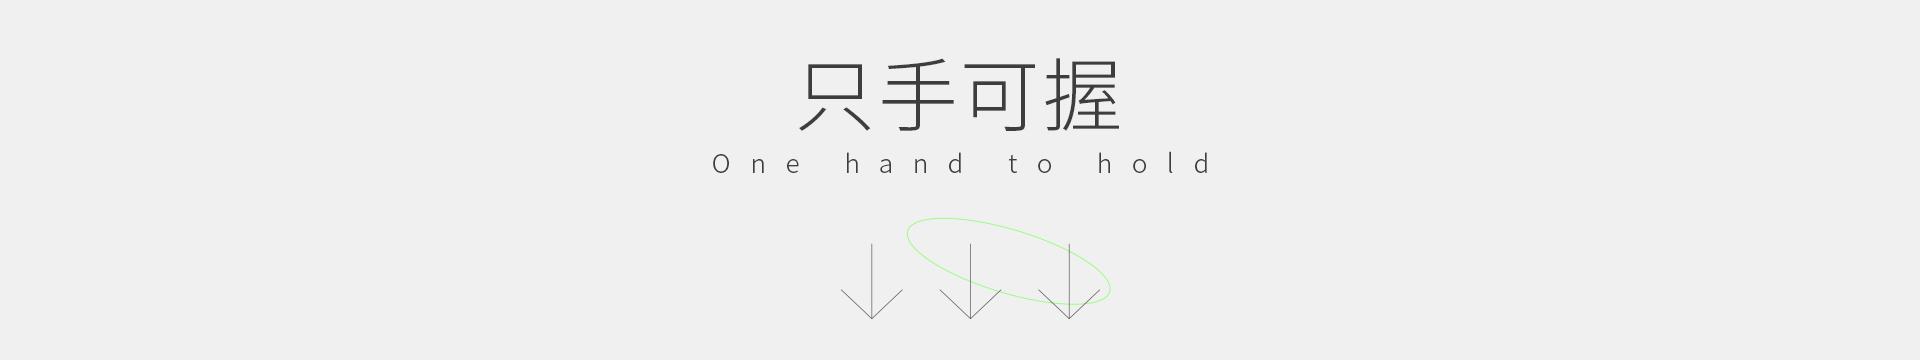 国内网站中文_07